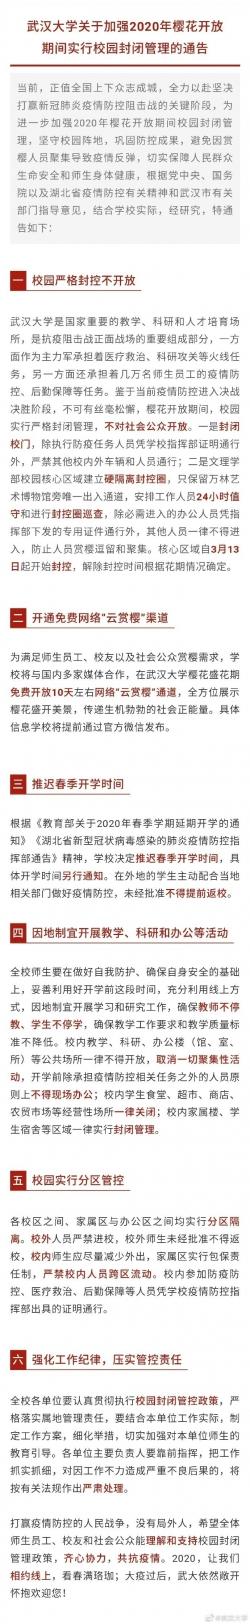 武汉大学:封闭校园,今年云赏樱